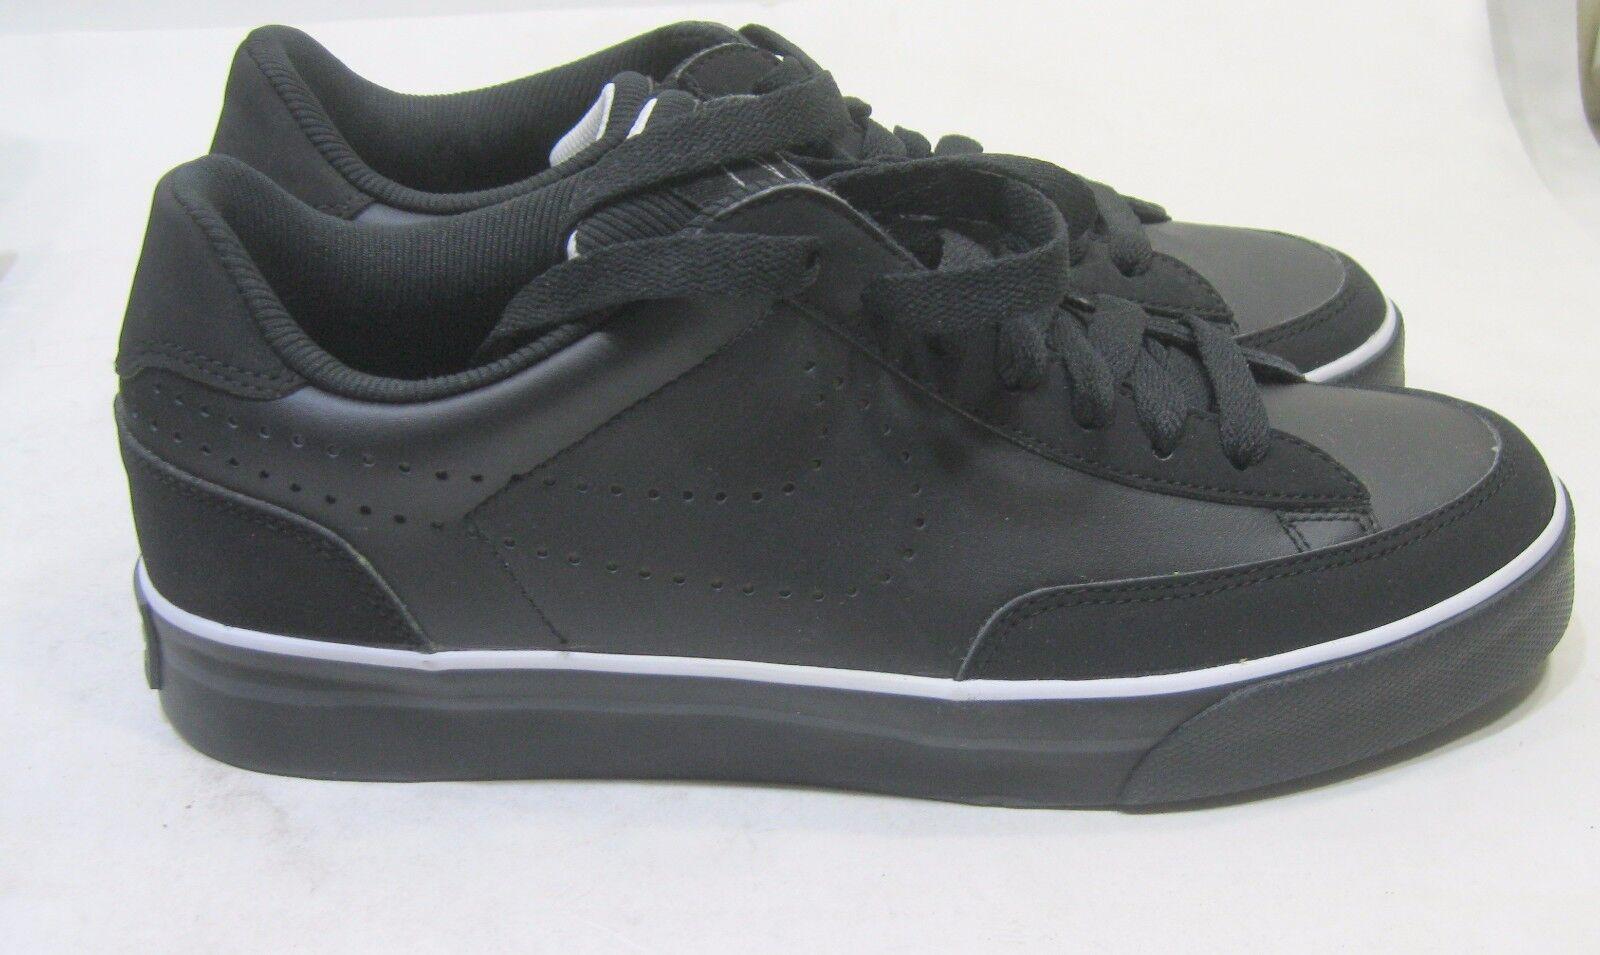 Nike navarosky culture basso nero / nero antracite bianco 386587 001 41